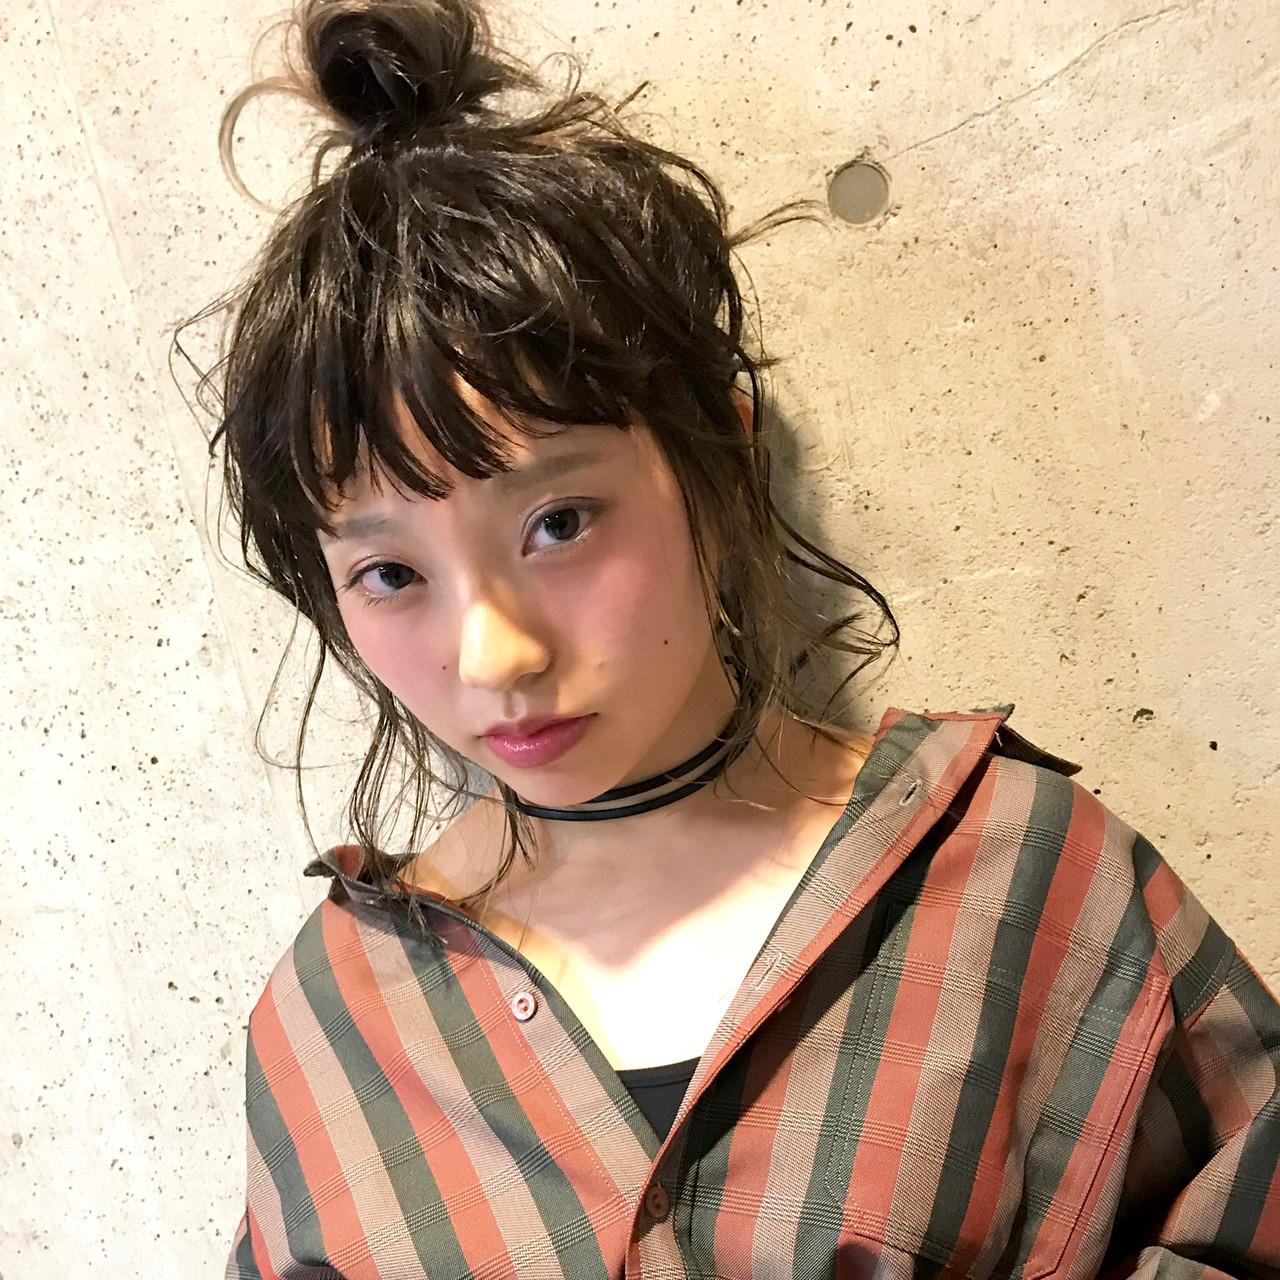 ストリート 簡単ヘアアレンジ ヘアアレンジ ミディアム ヘアスタイルや髪型の写真・画像 | 甲斐 大介 / 間借り美容師。boGa(ボガ)